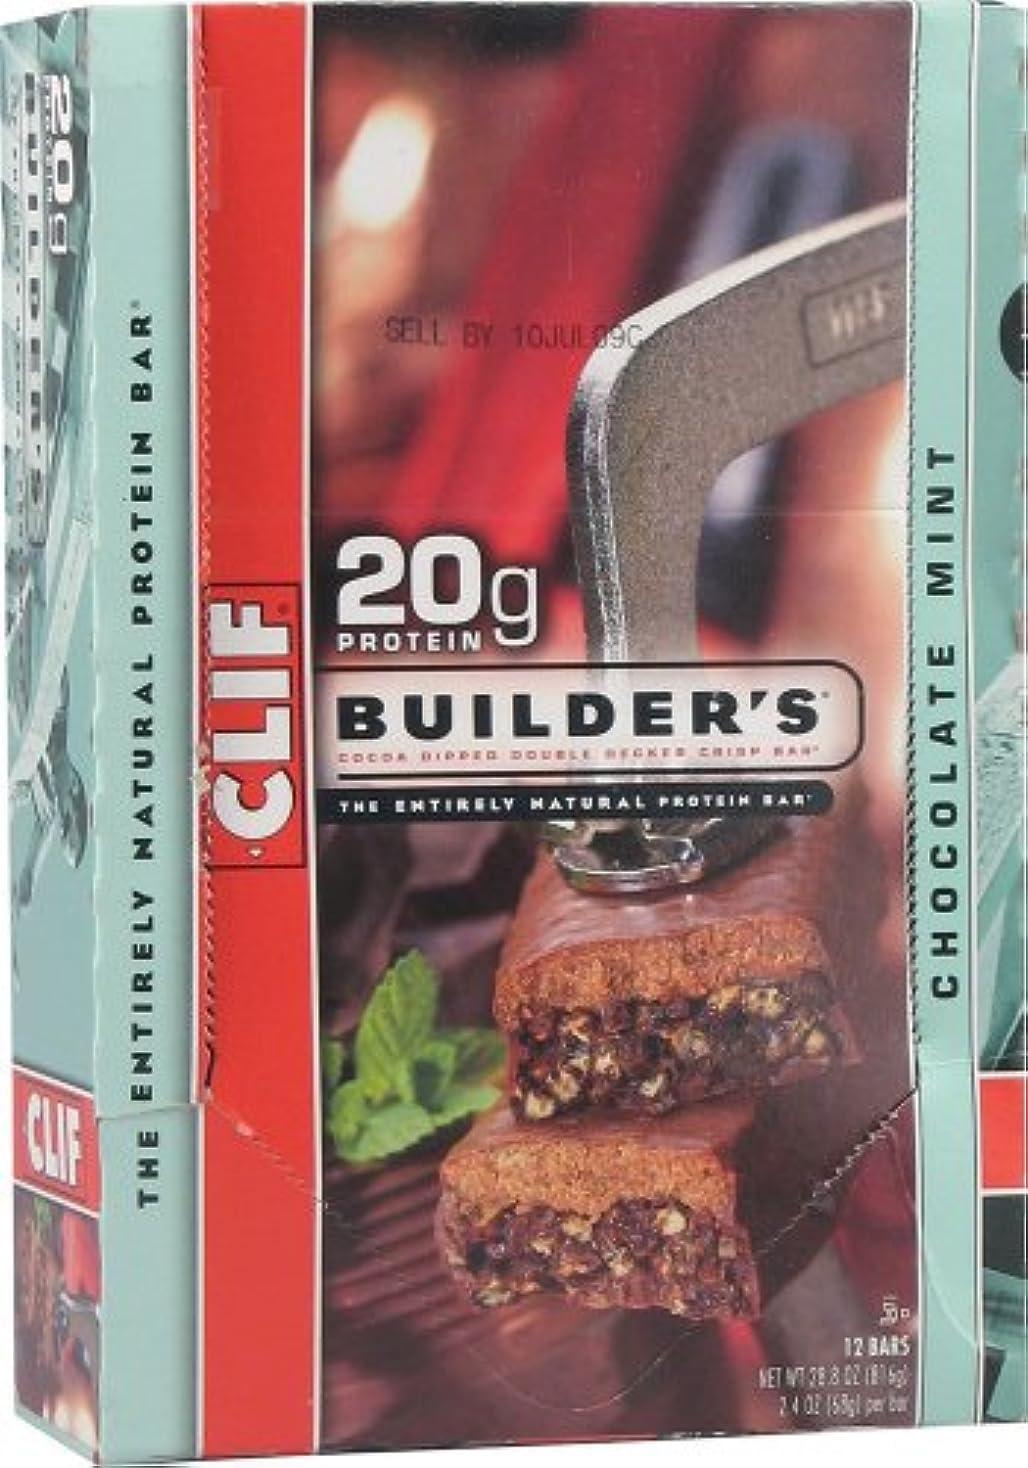 フレキシブルオセアニアバラバラにするClif Bar - ビルダーのプロテインバー ボックス チョコレート ミント - 1バー